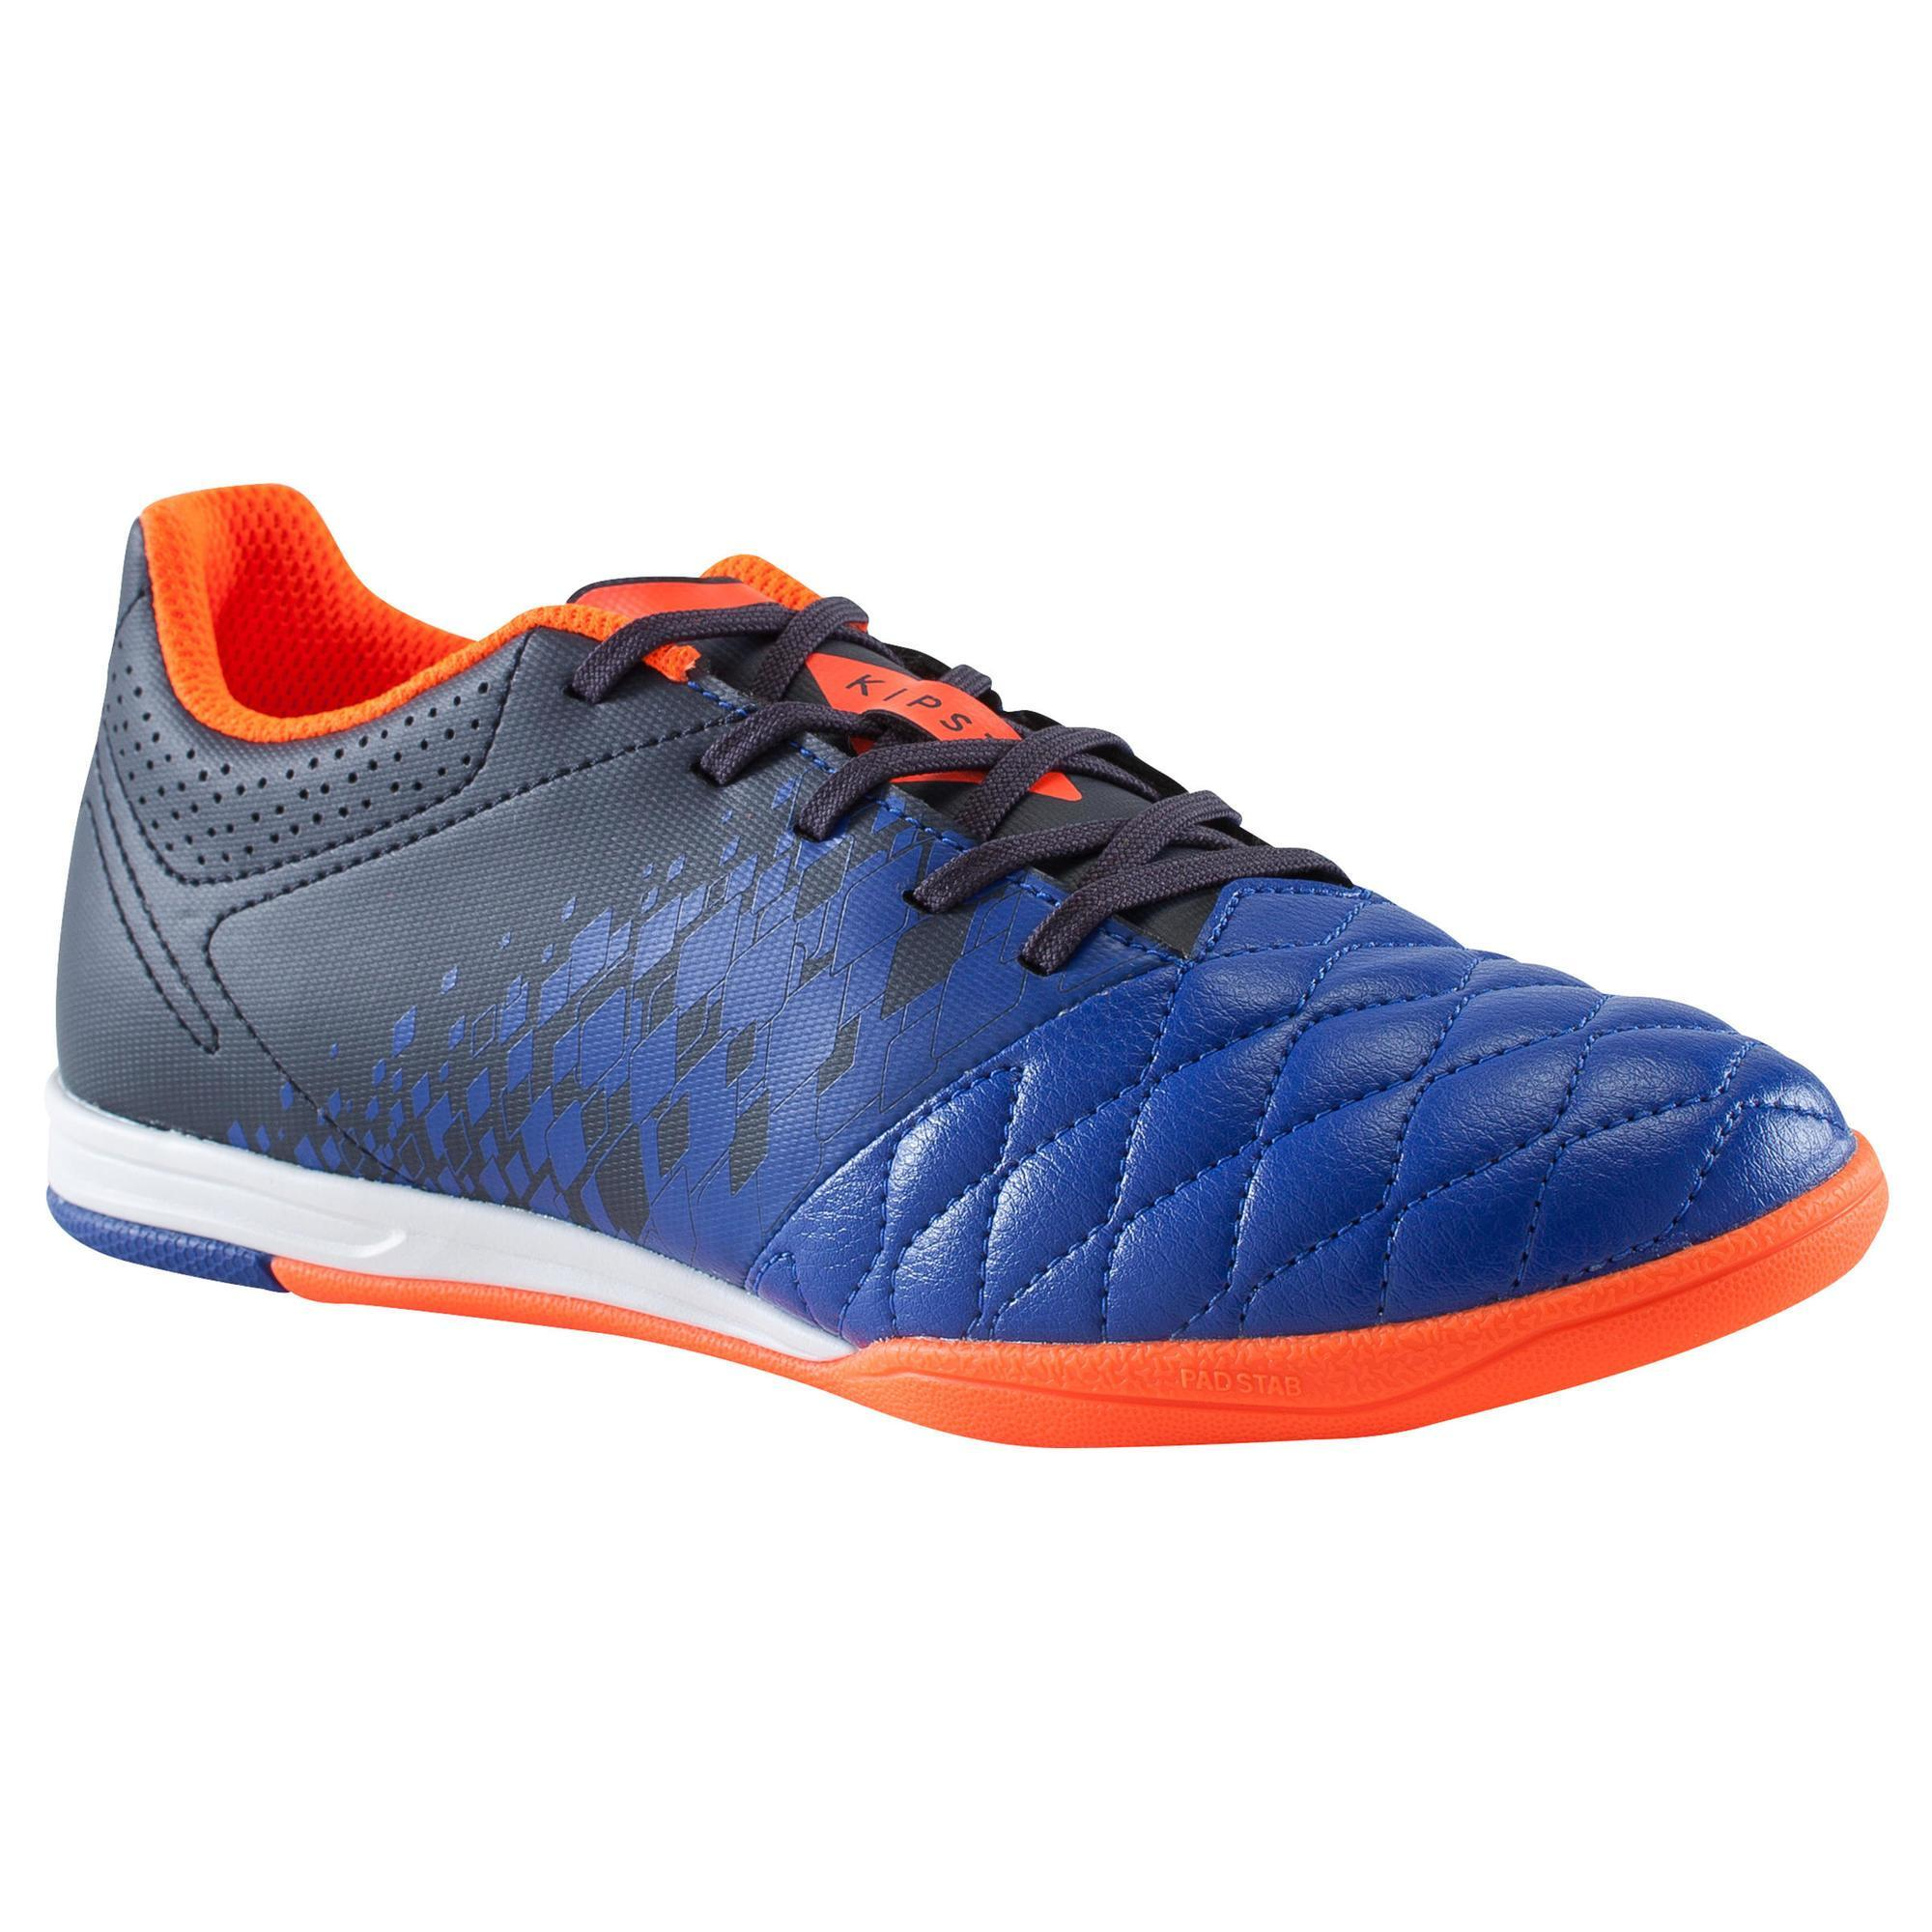 2fa6ca4779db0 Comprar Zapatillas de Fútbol Sala online